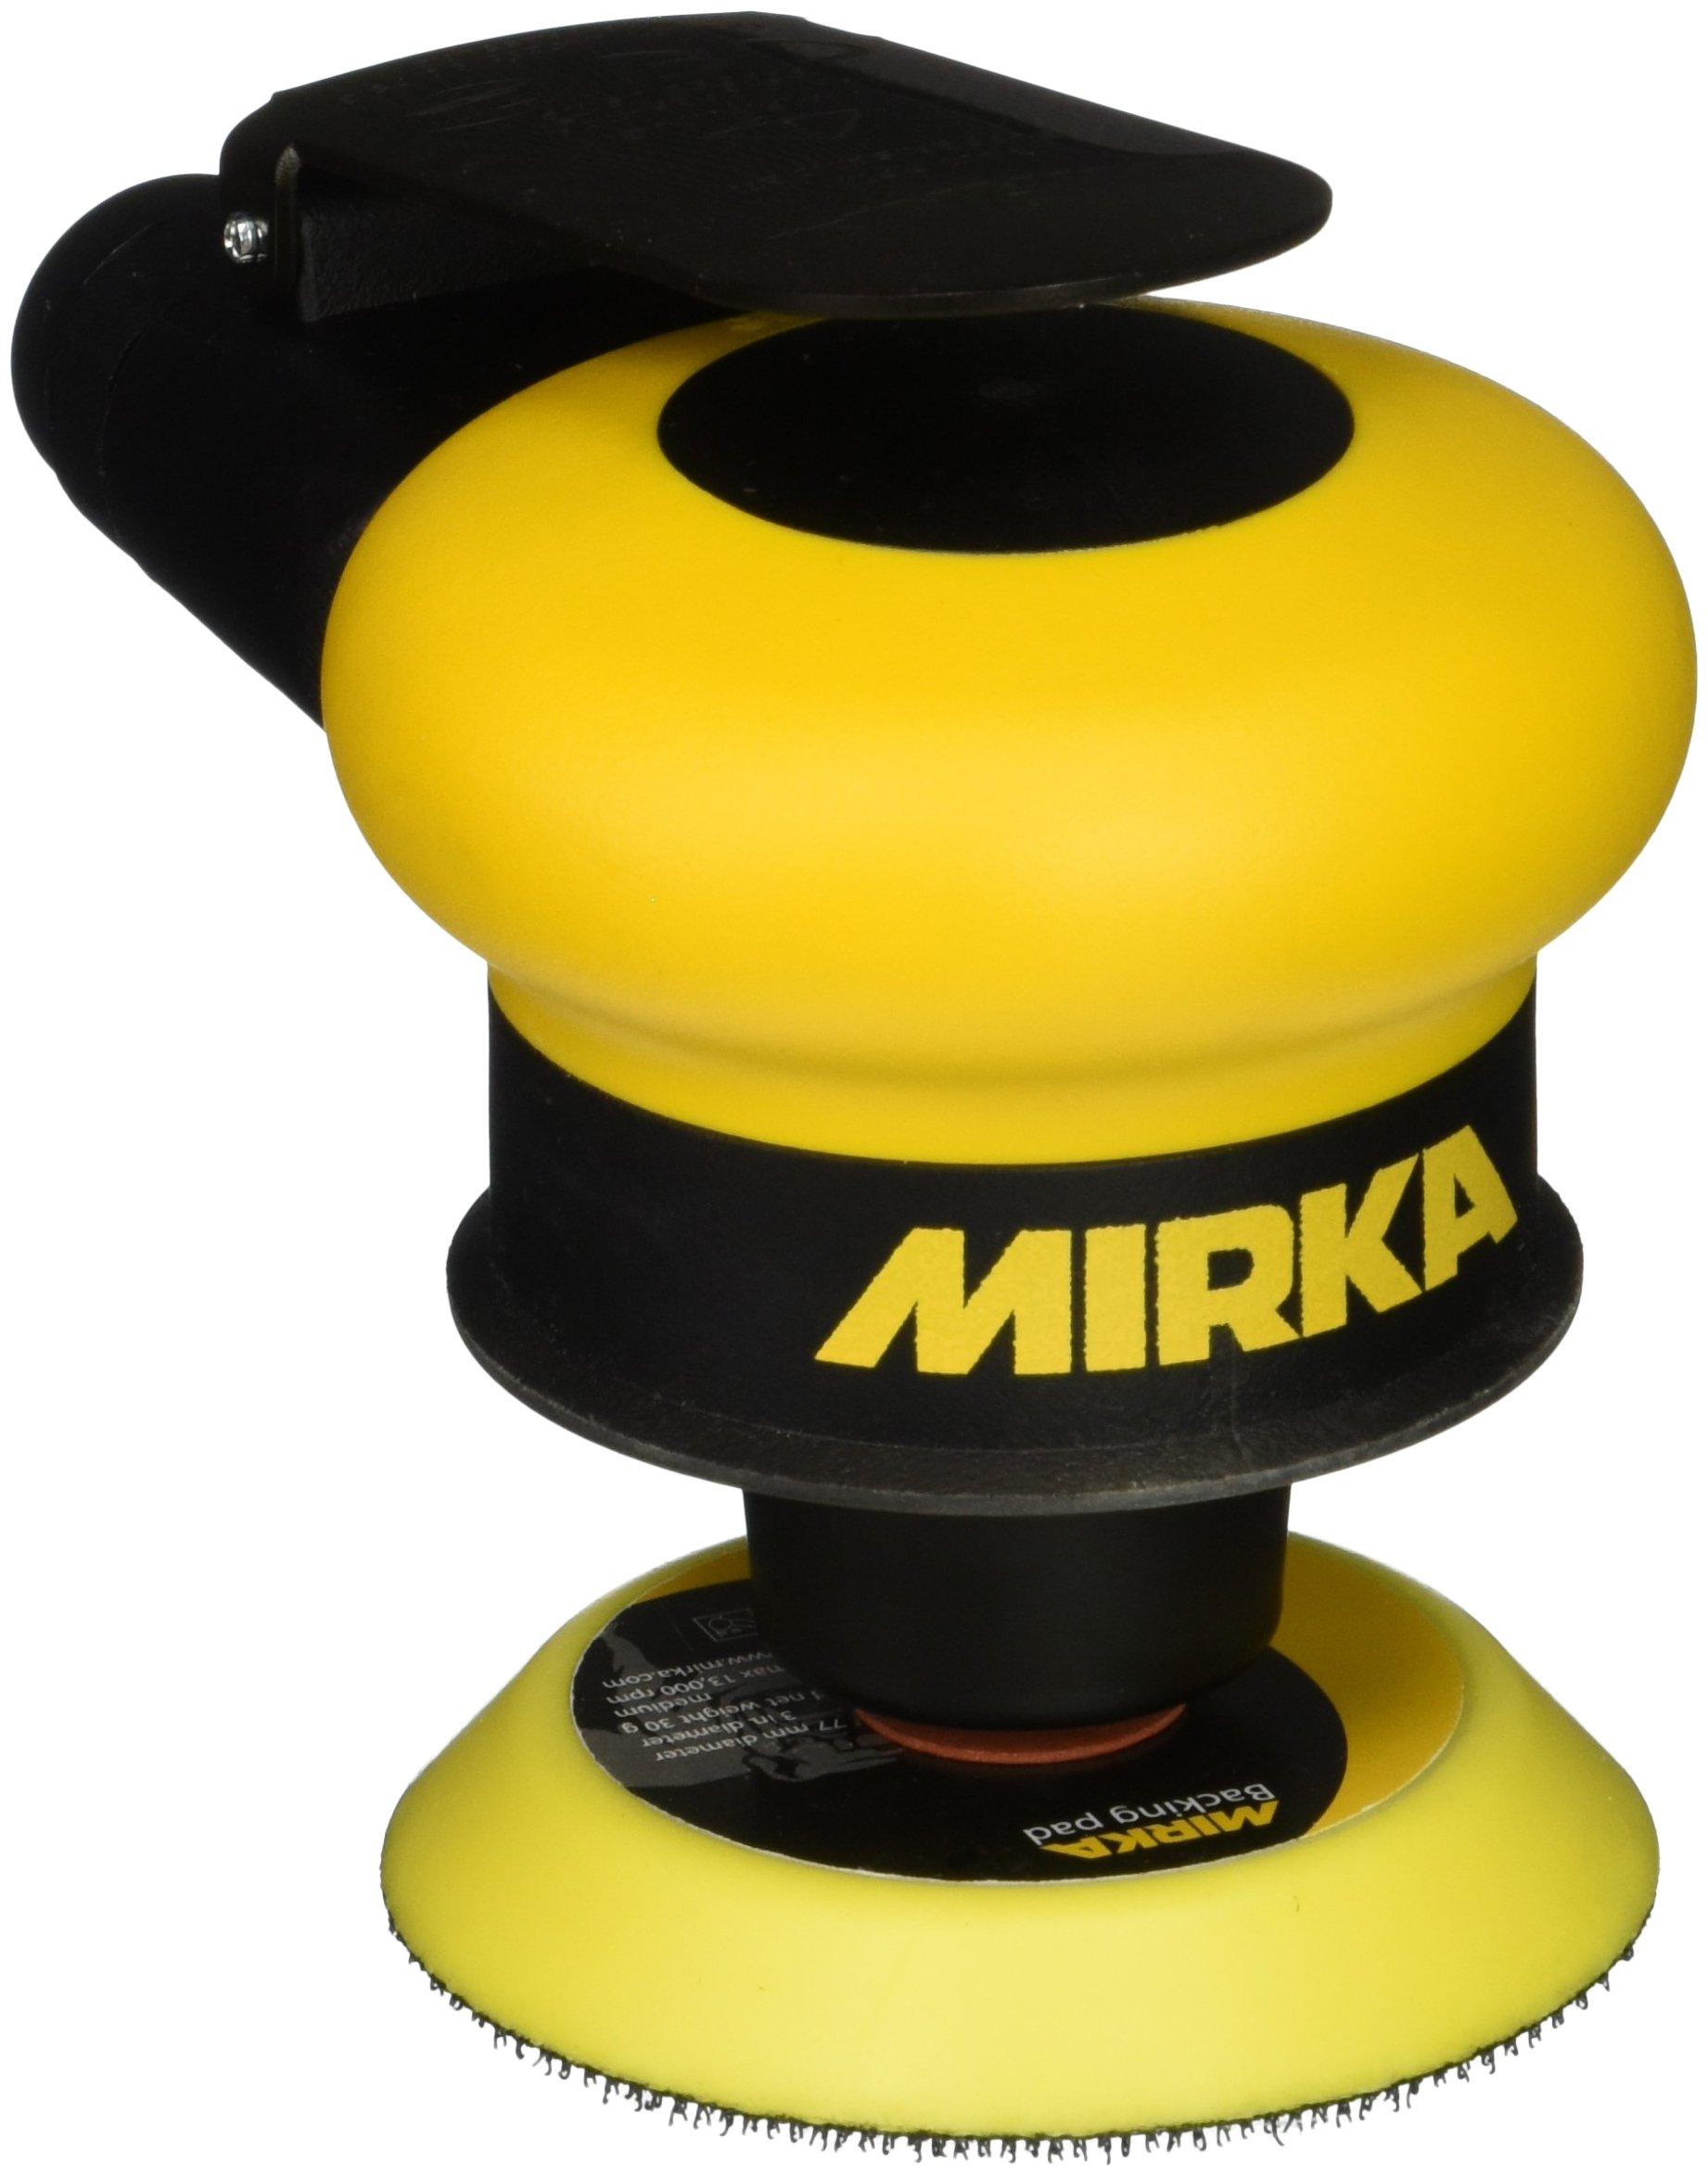 Mirka MR-30 Palm Buffer